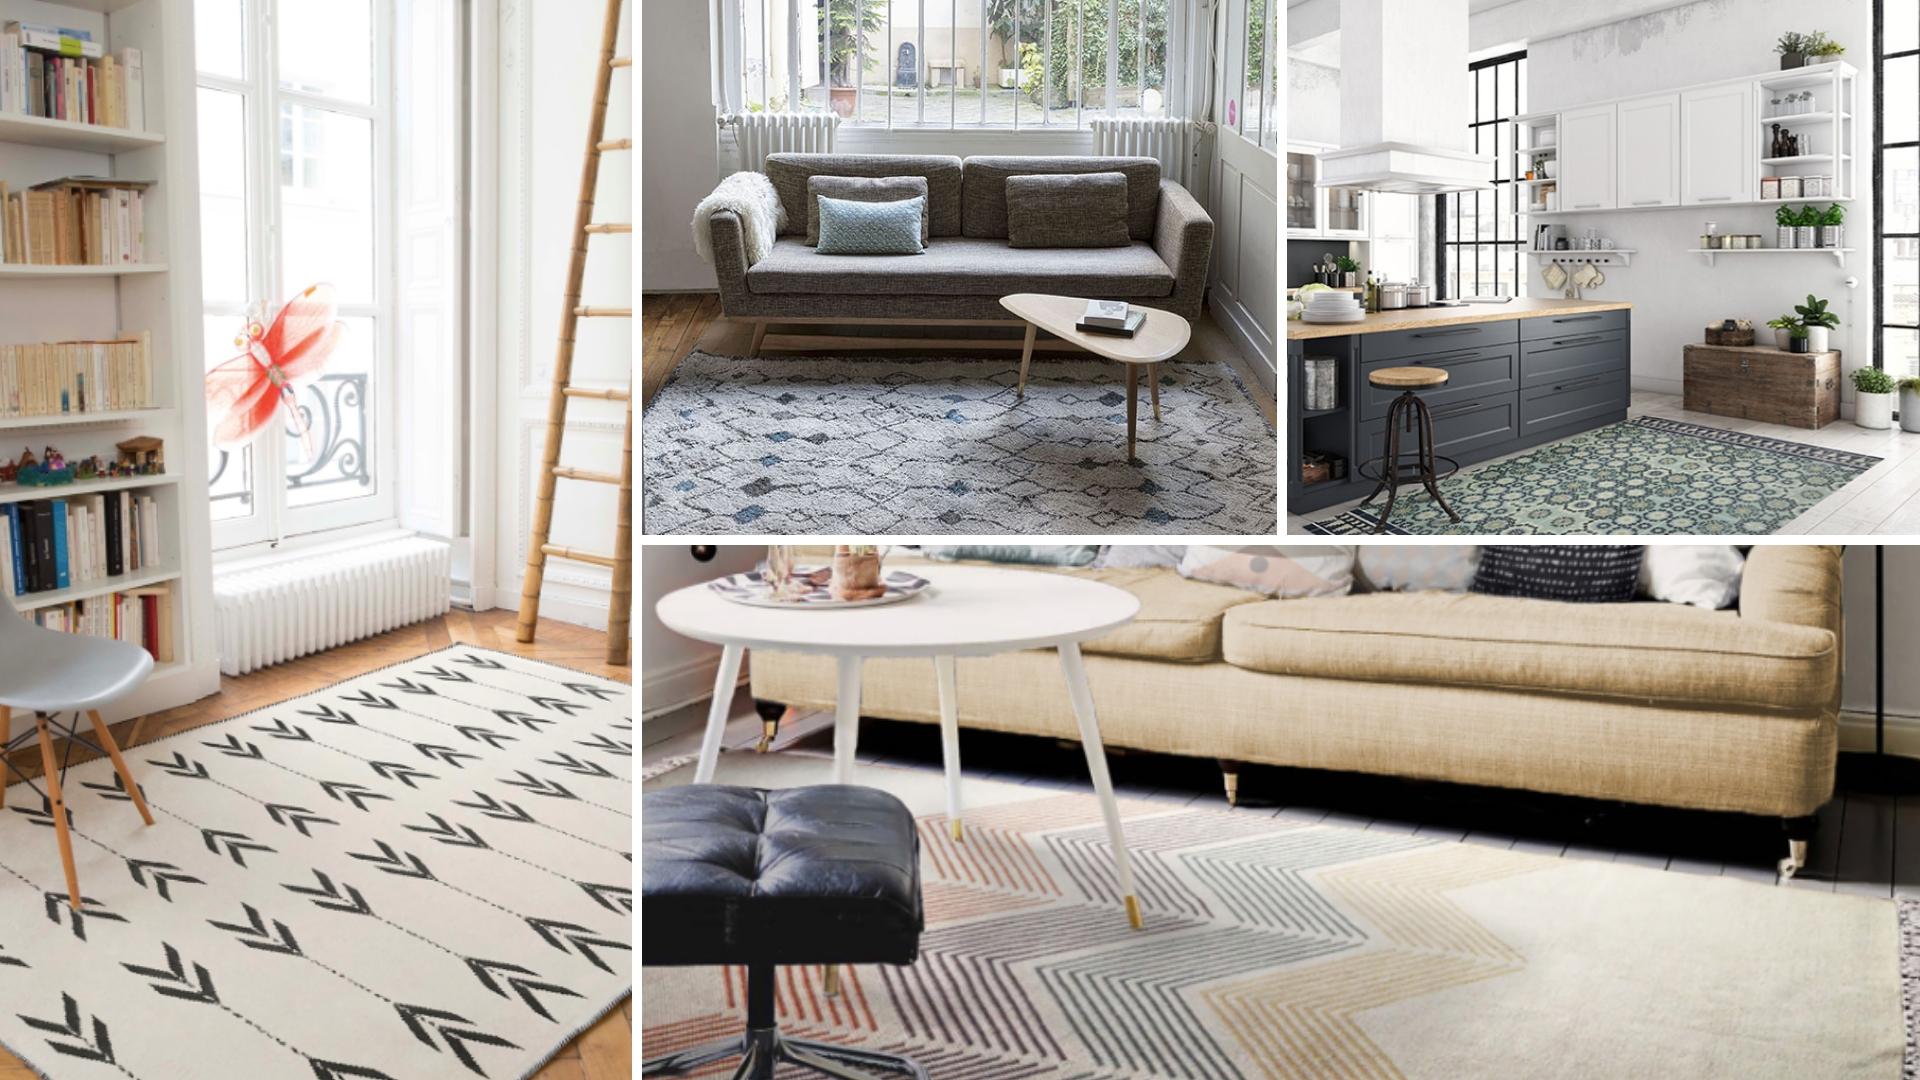 si j avais une maison n 9 cocon d co vie nomade. Black Bedroom Furniture Sets. Home Design Ideas